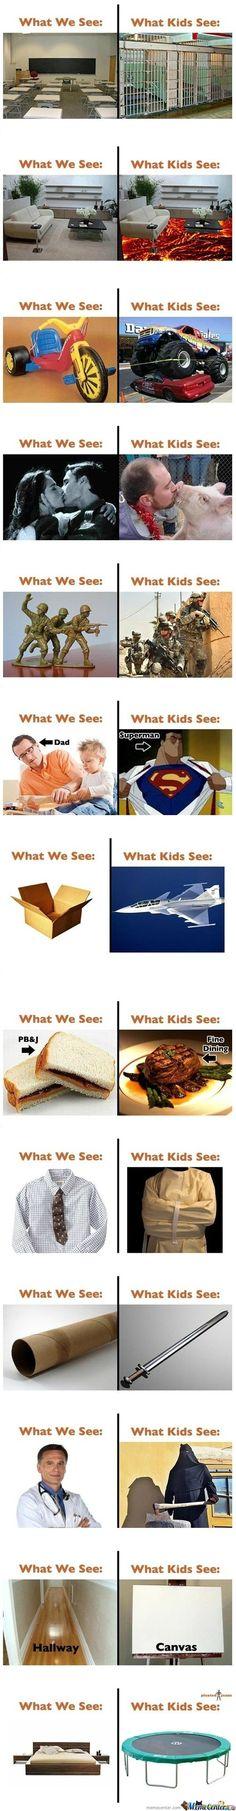 ha ha...so true